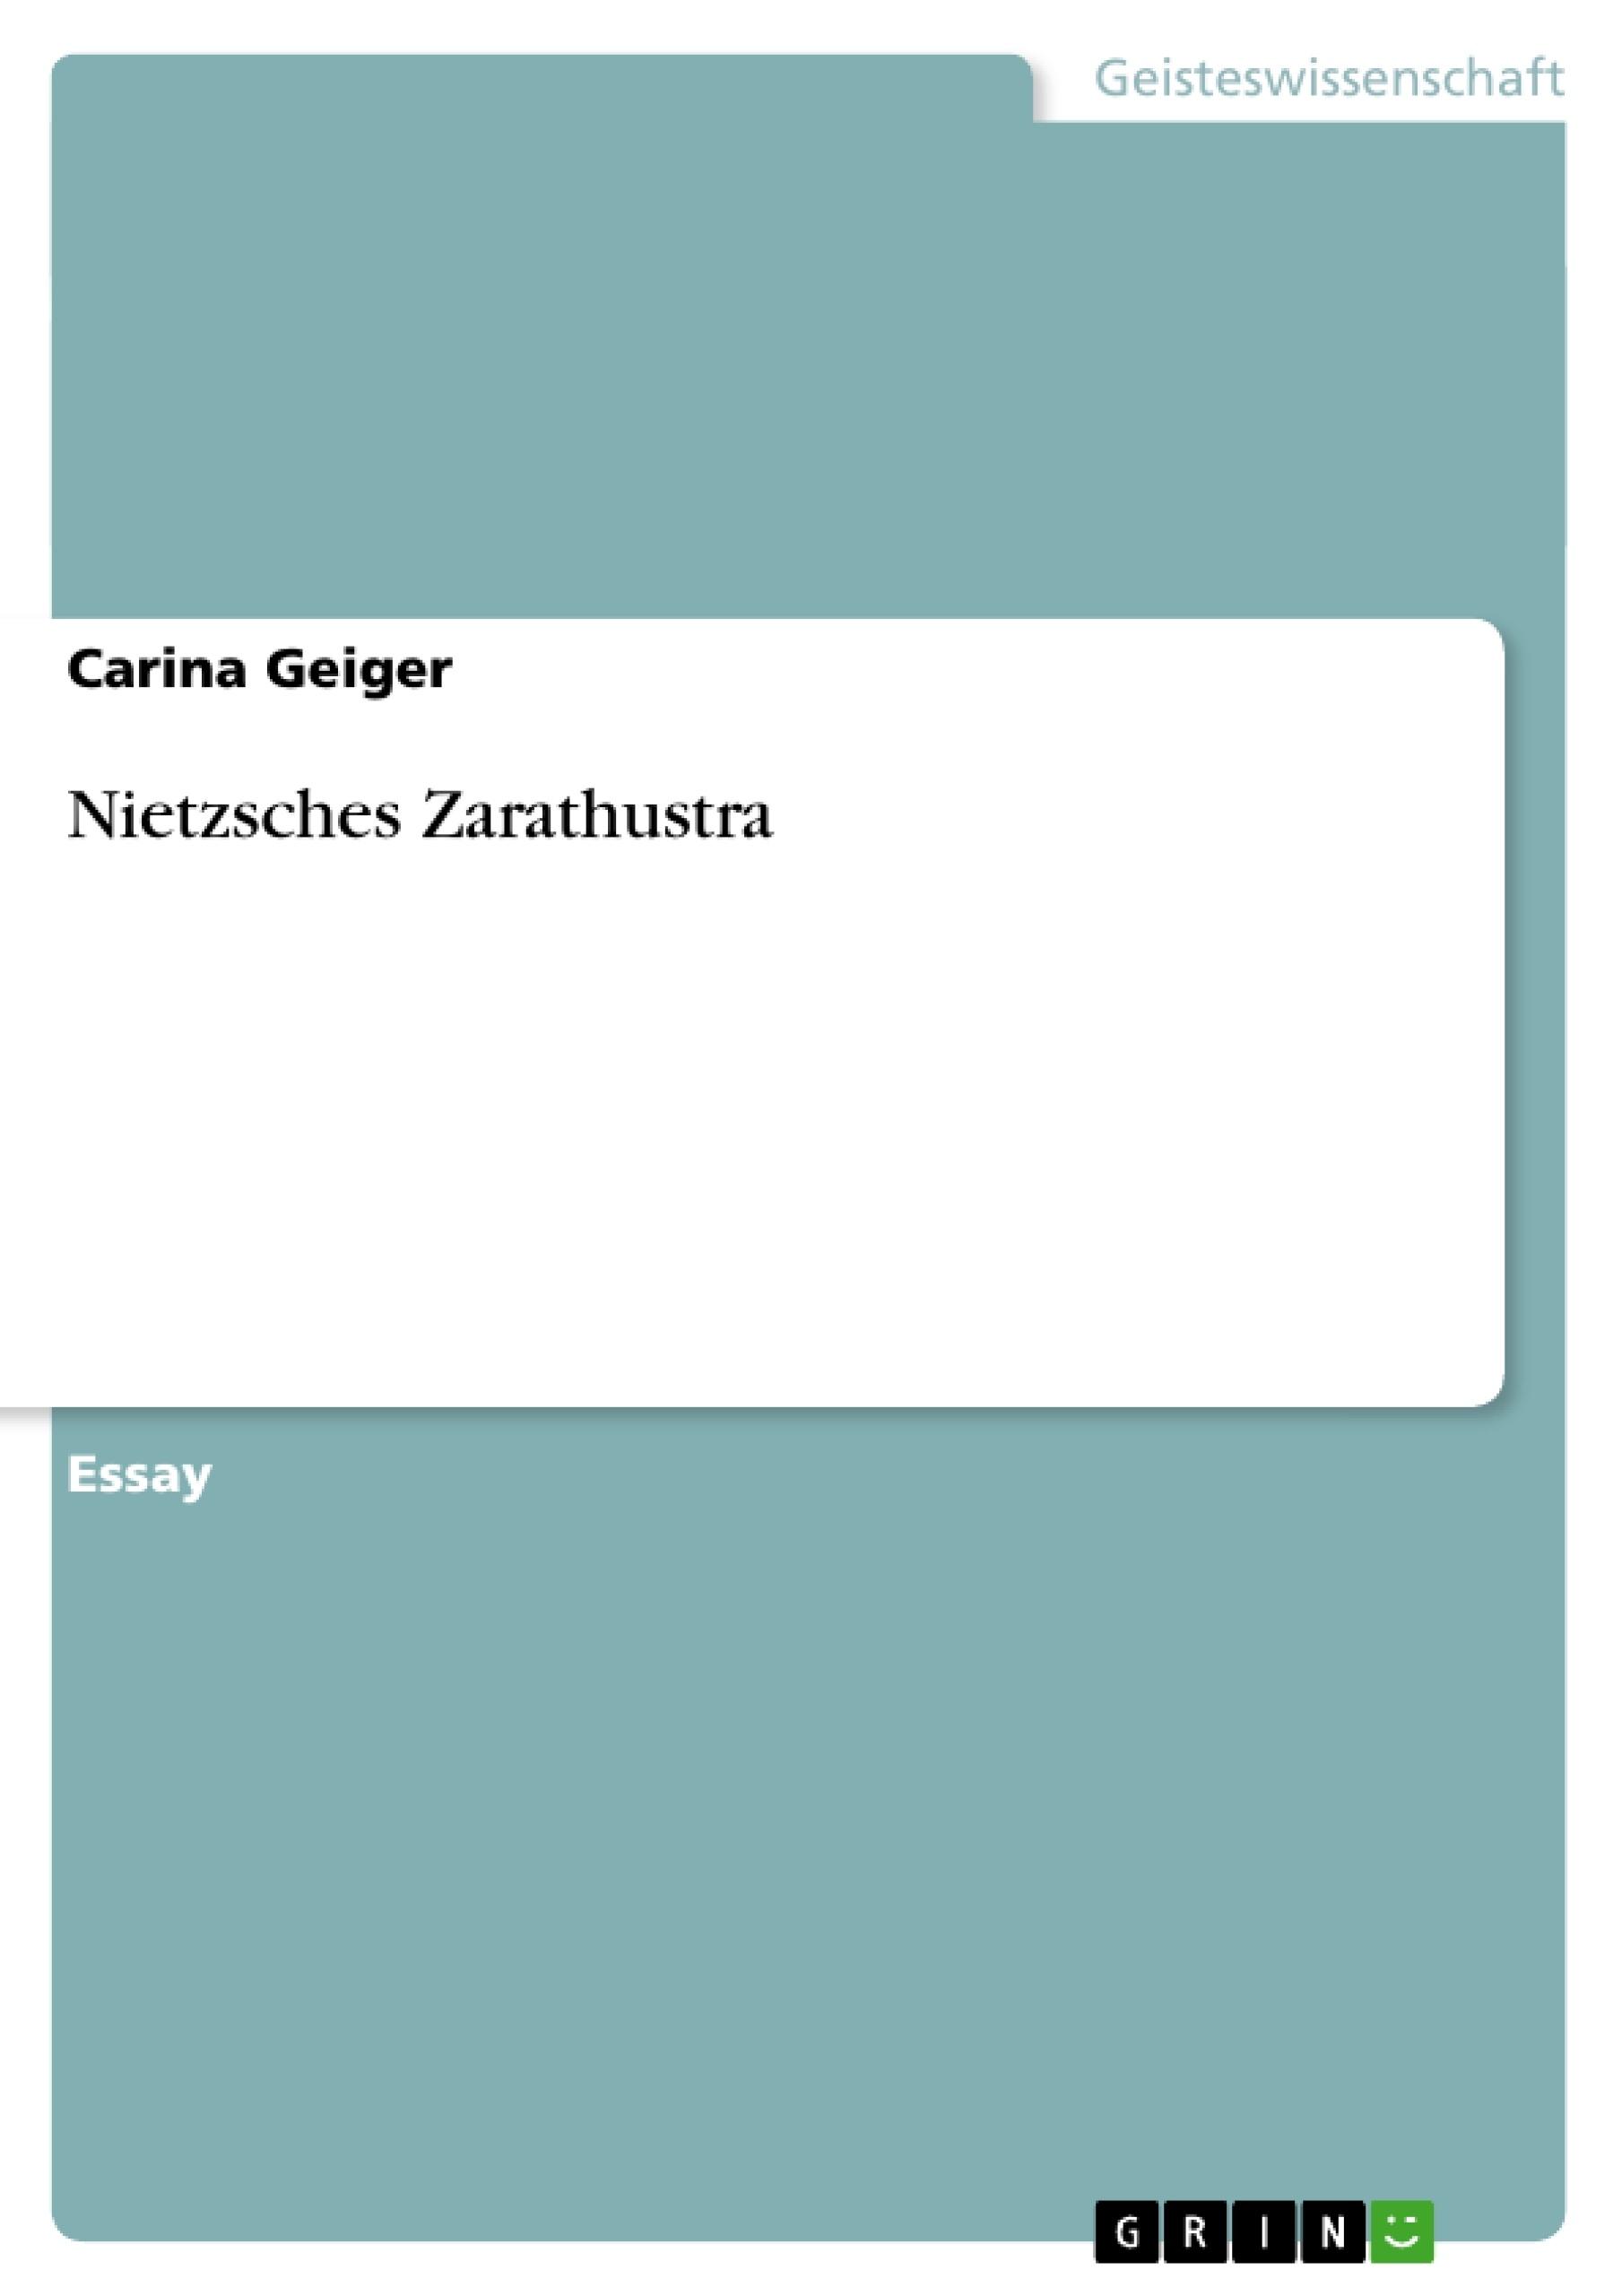 Titel: Nietzsches Zarathustra